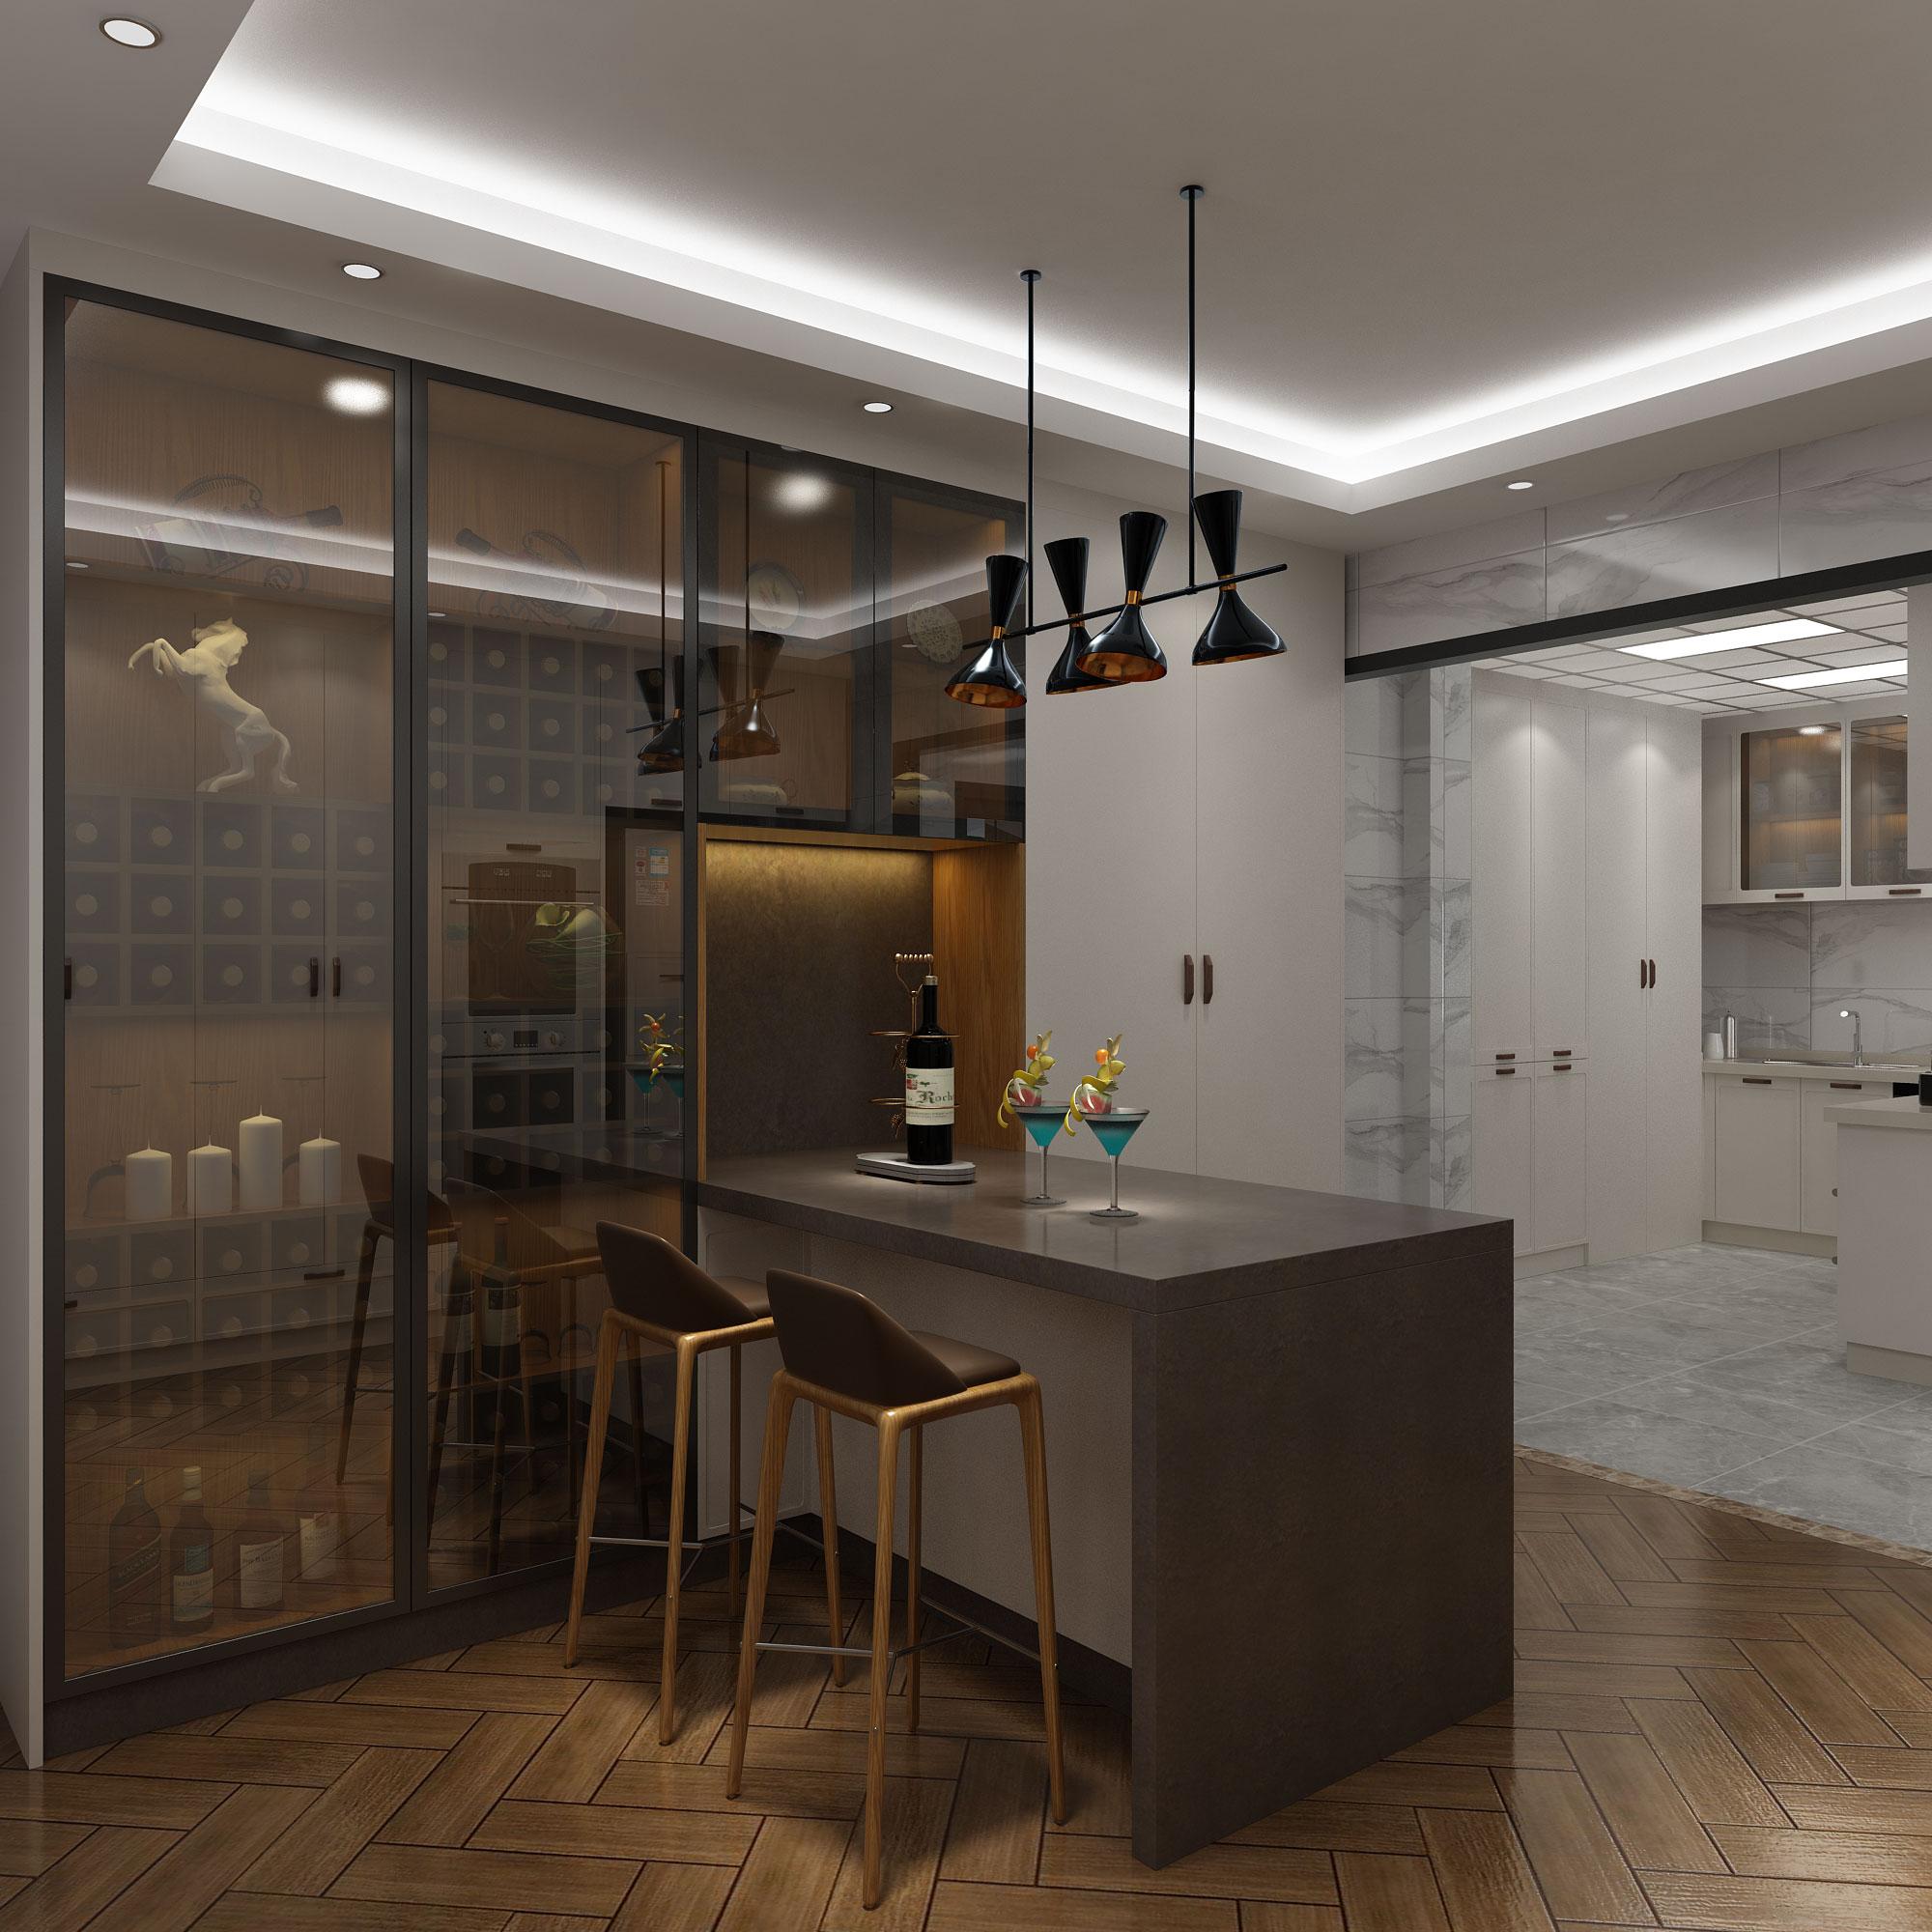 铝合金柜子为什么能在板式家具中脱颖而出,看看这个就知道了!